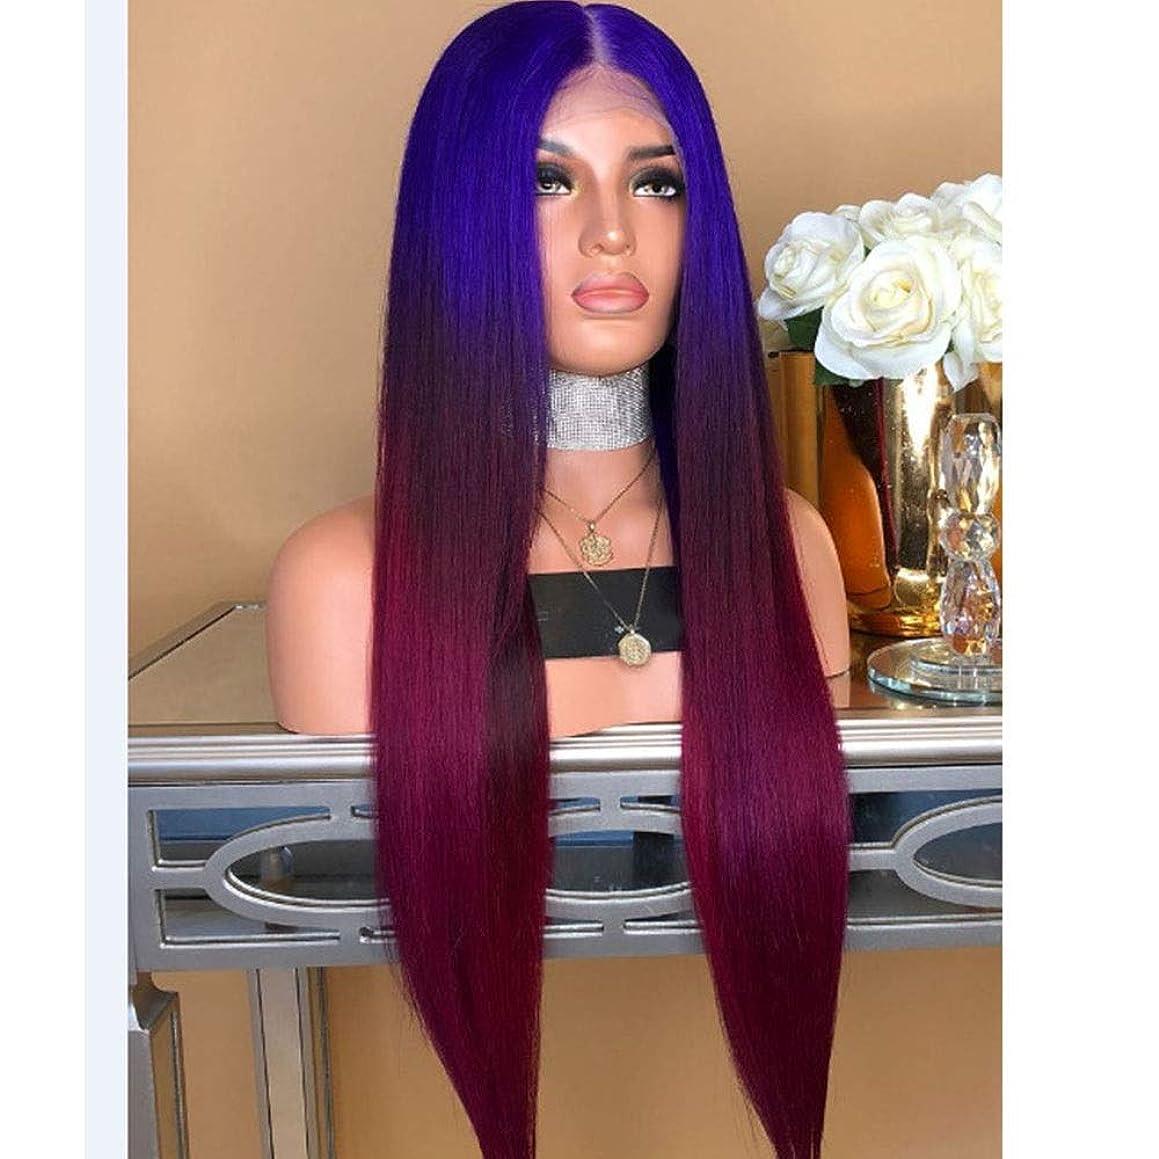 タックル悪行敵Yrattary 女性のミディアムストレートヘア三色グラデーションウィッグ耐熱ミドルウィッグ女性のための合成ヘアレースウィッグロールプレイングかつら (色 : Photo Color)